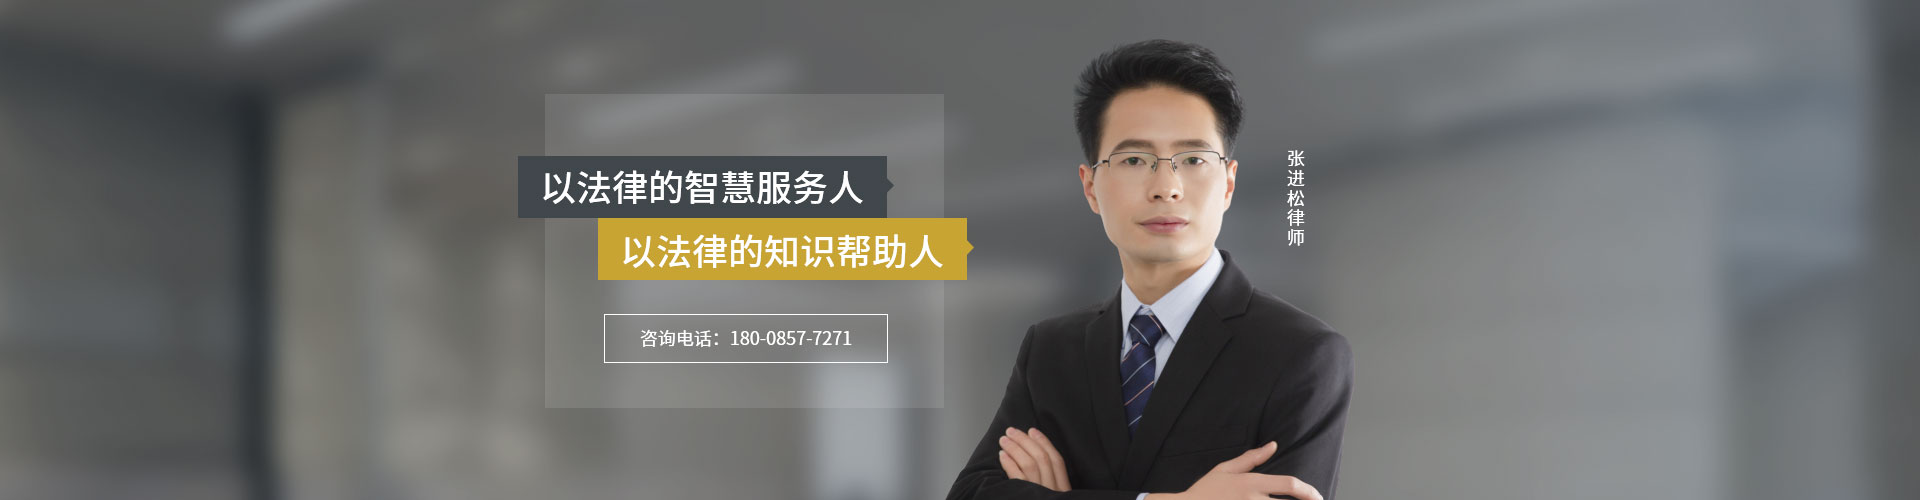 张进松律师